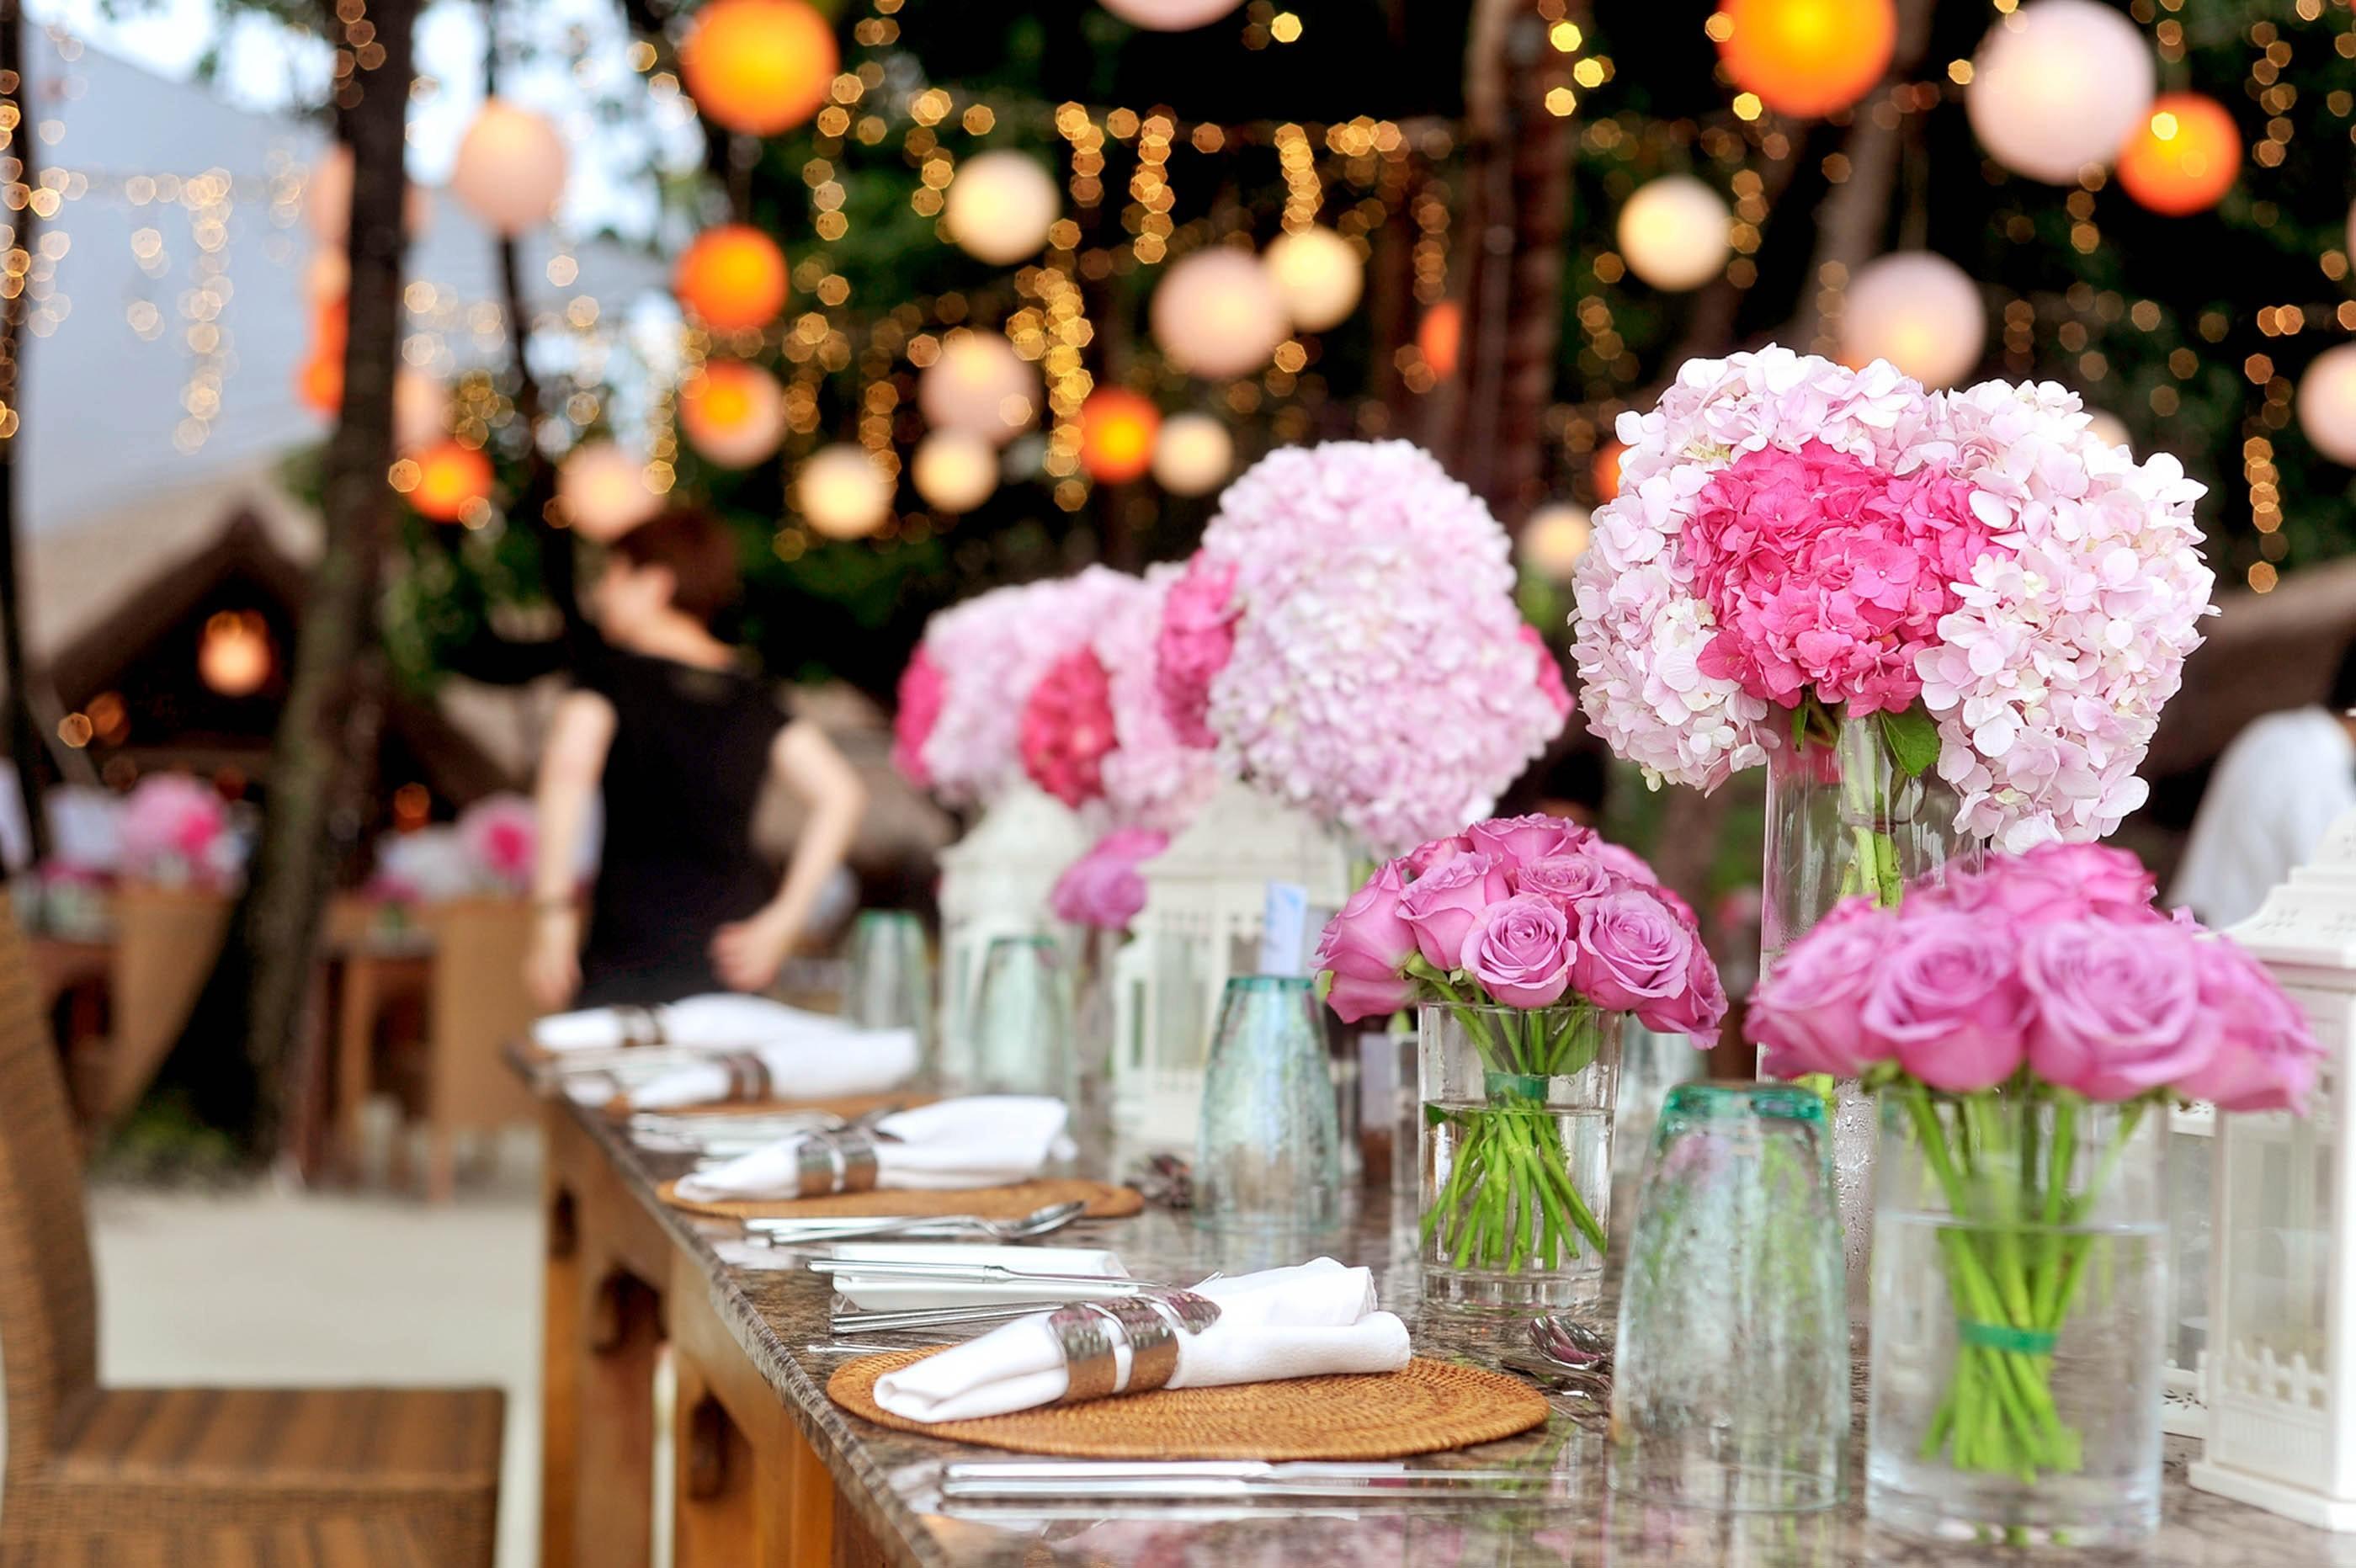 Bouquet celebration color 169190